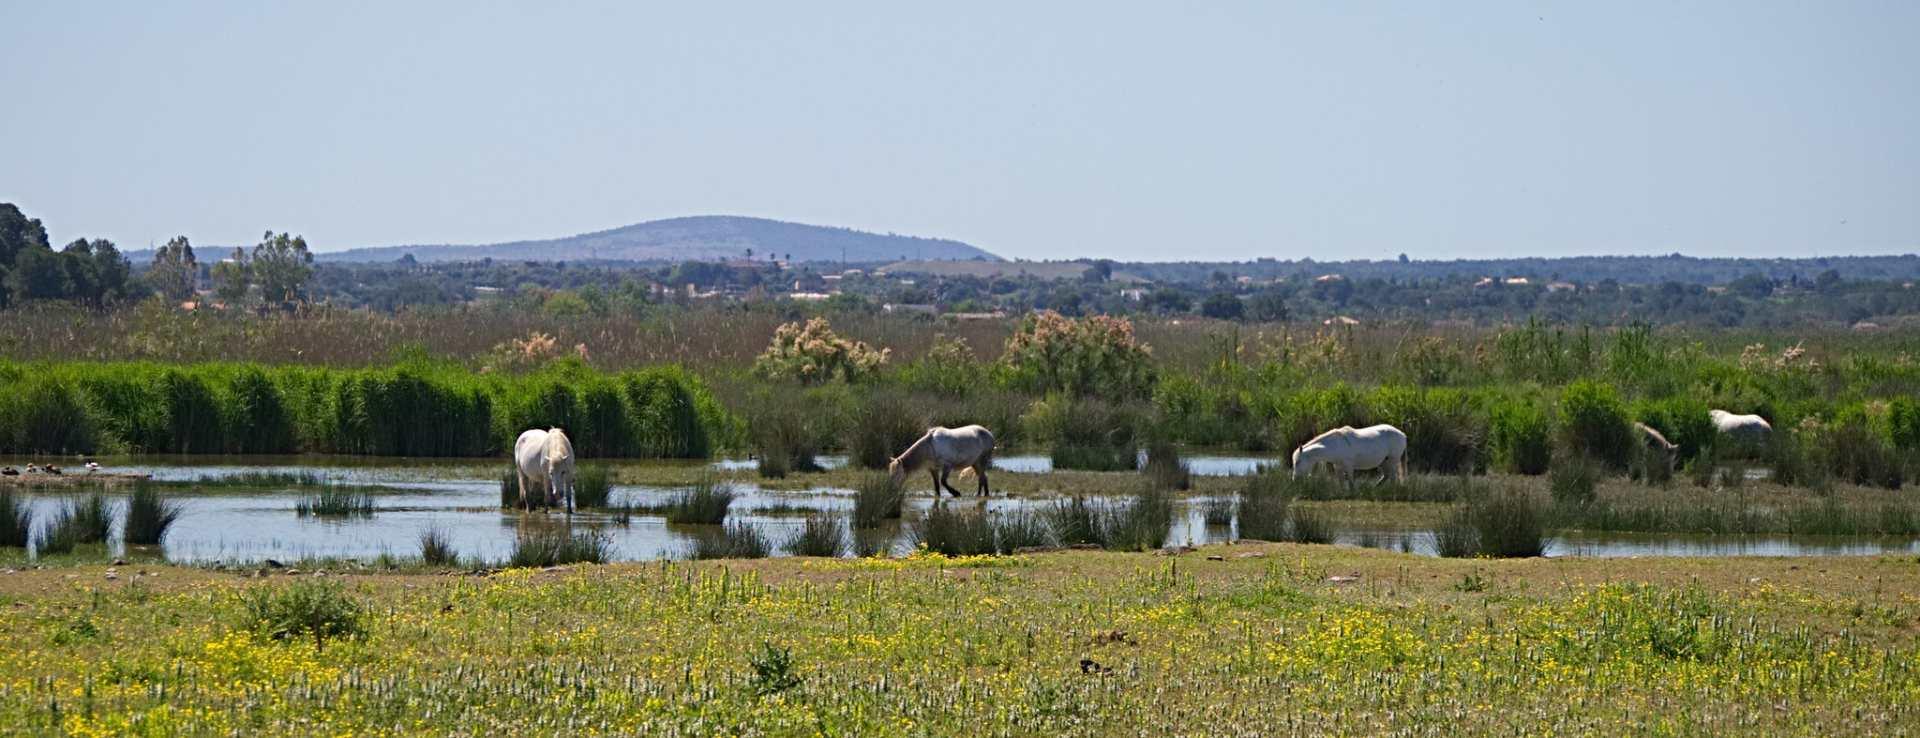 Pferde im Naturpark S'Albufera auf Mallorca